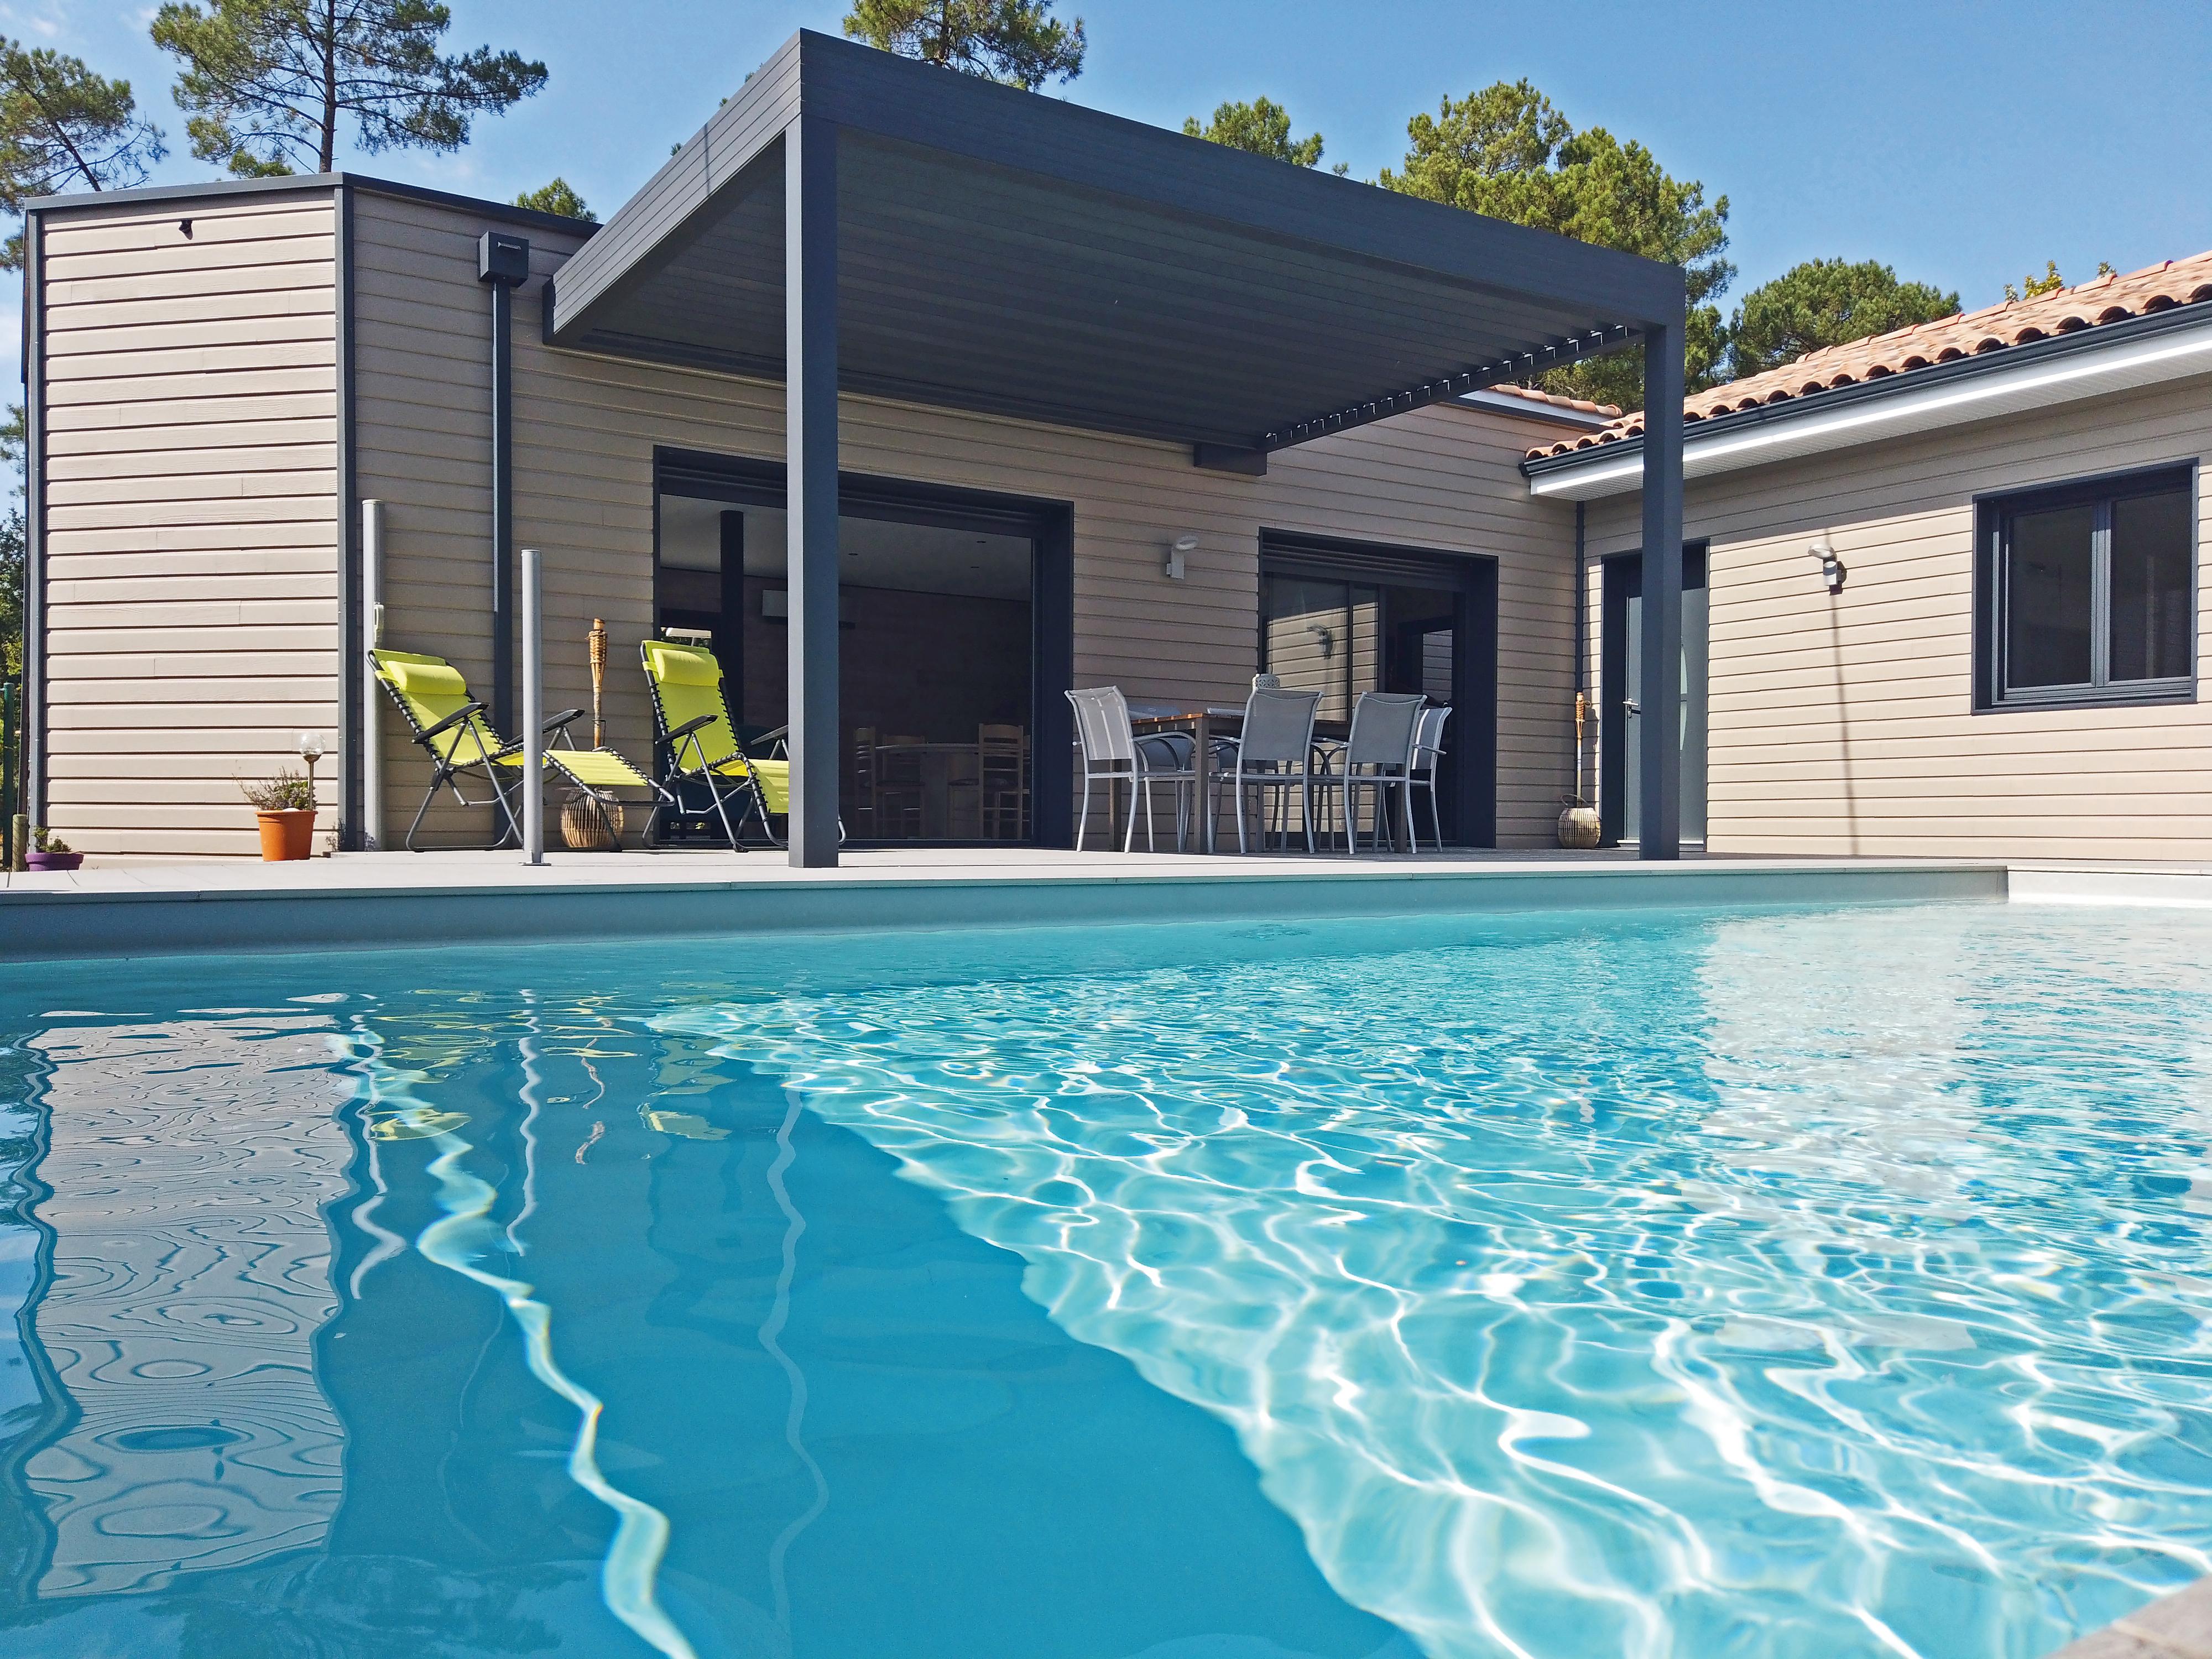 Maison en bois en bord de piscine